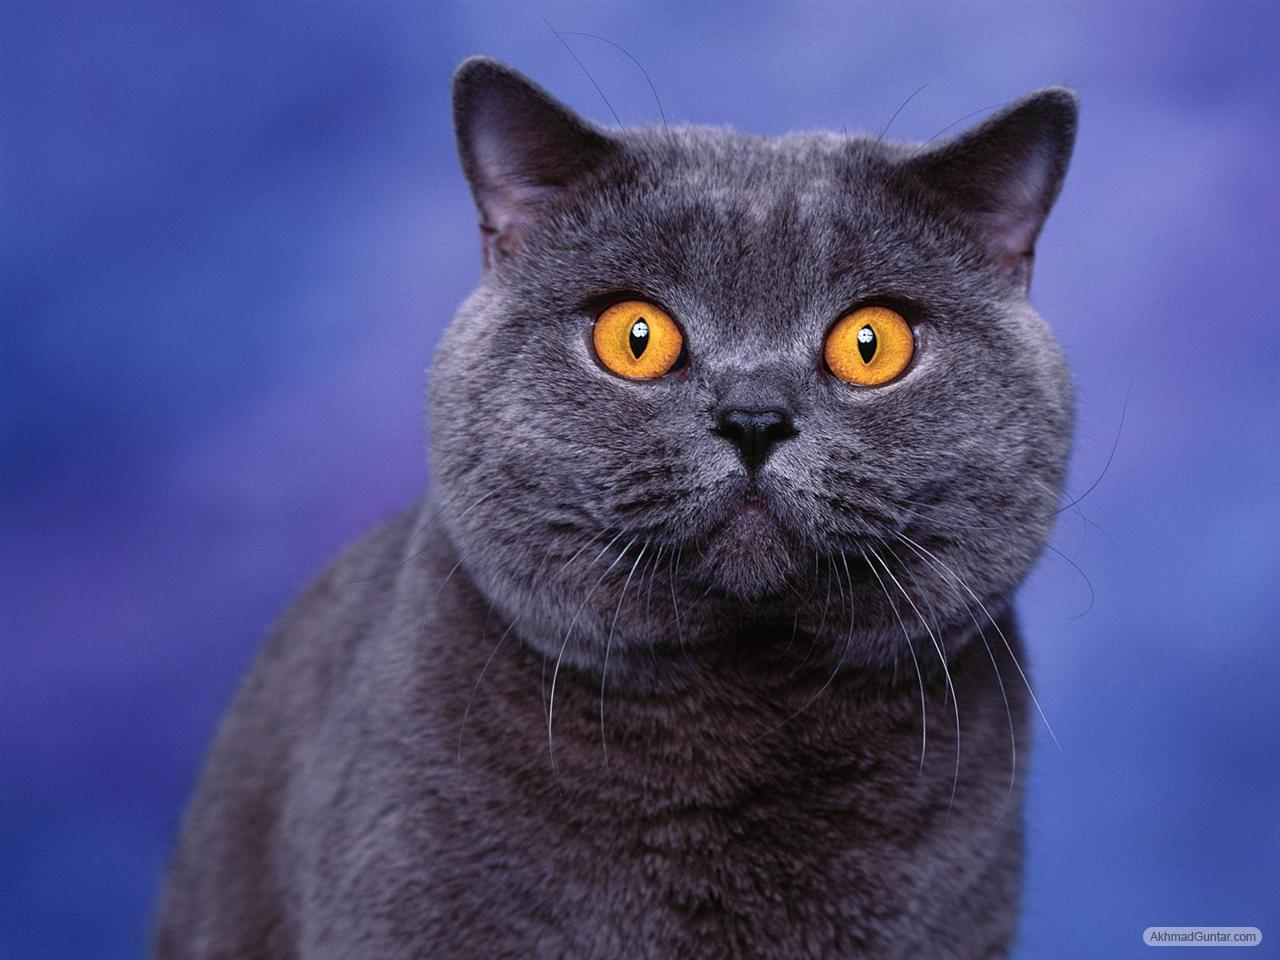 ... kucing ,harga kucing ,jual kucing ,kucing anggora,kucing comel ,kucing